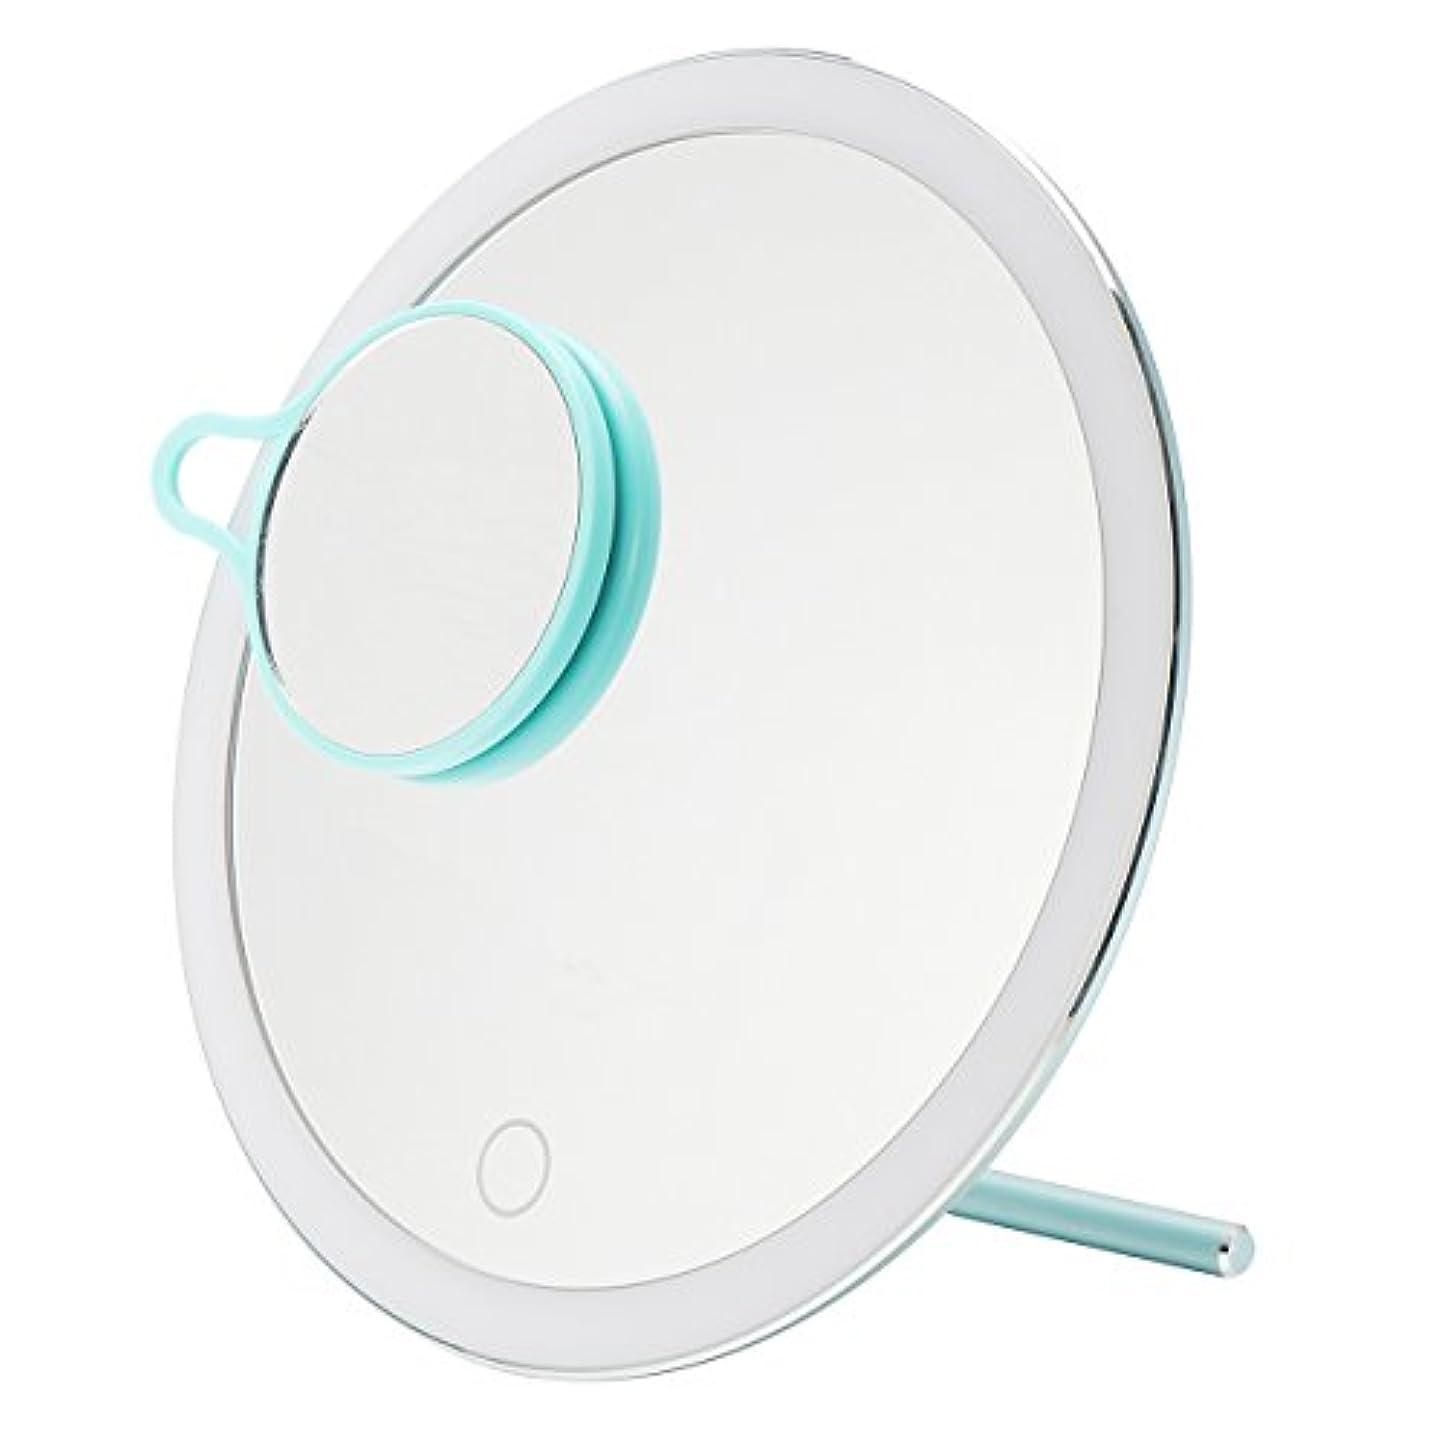 効能あるマーガレットミッチェル奪うYZUEYT USB LEDライトメイクアップミラータッチスクリーン携帯用拡大鏡バニティテーブルトップランプ化粧ミラーメイクアップツール YZUEYT (Color : Color Blue)